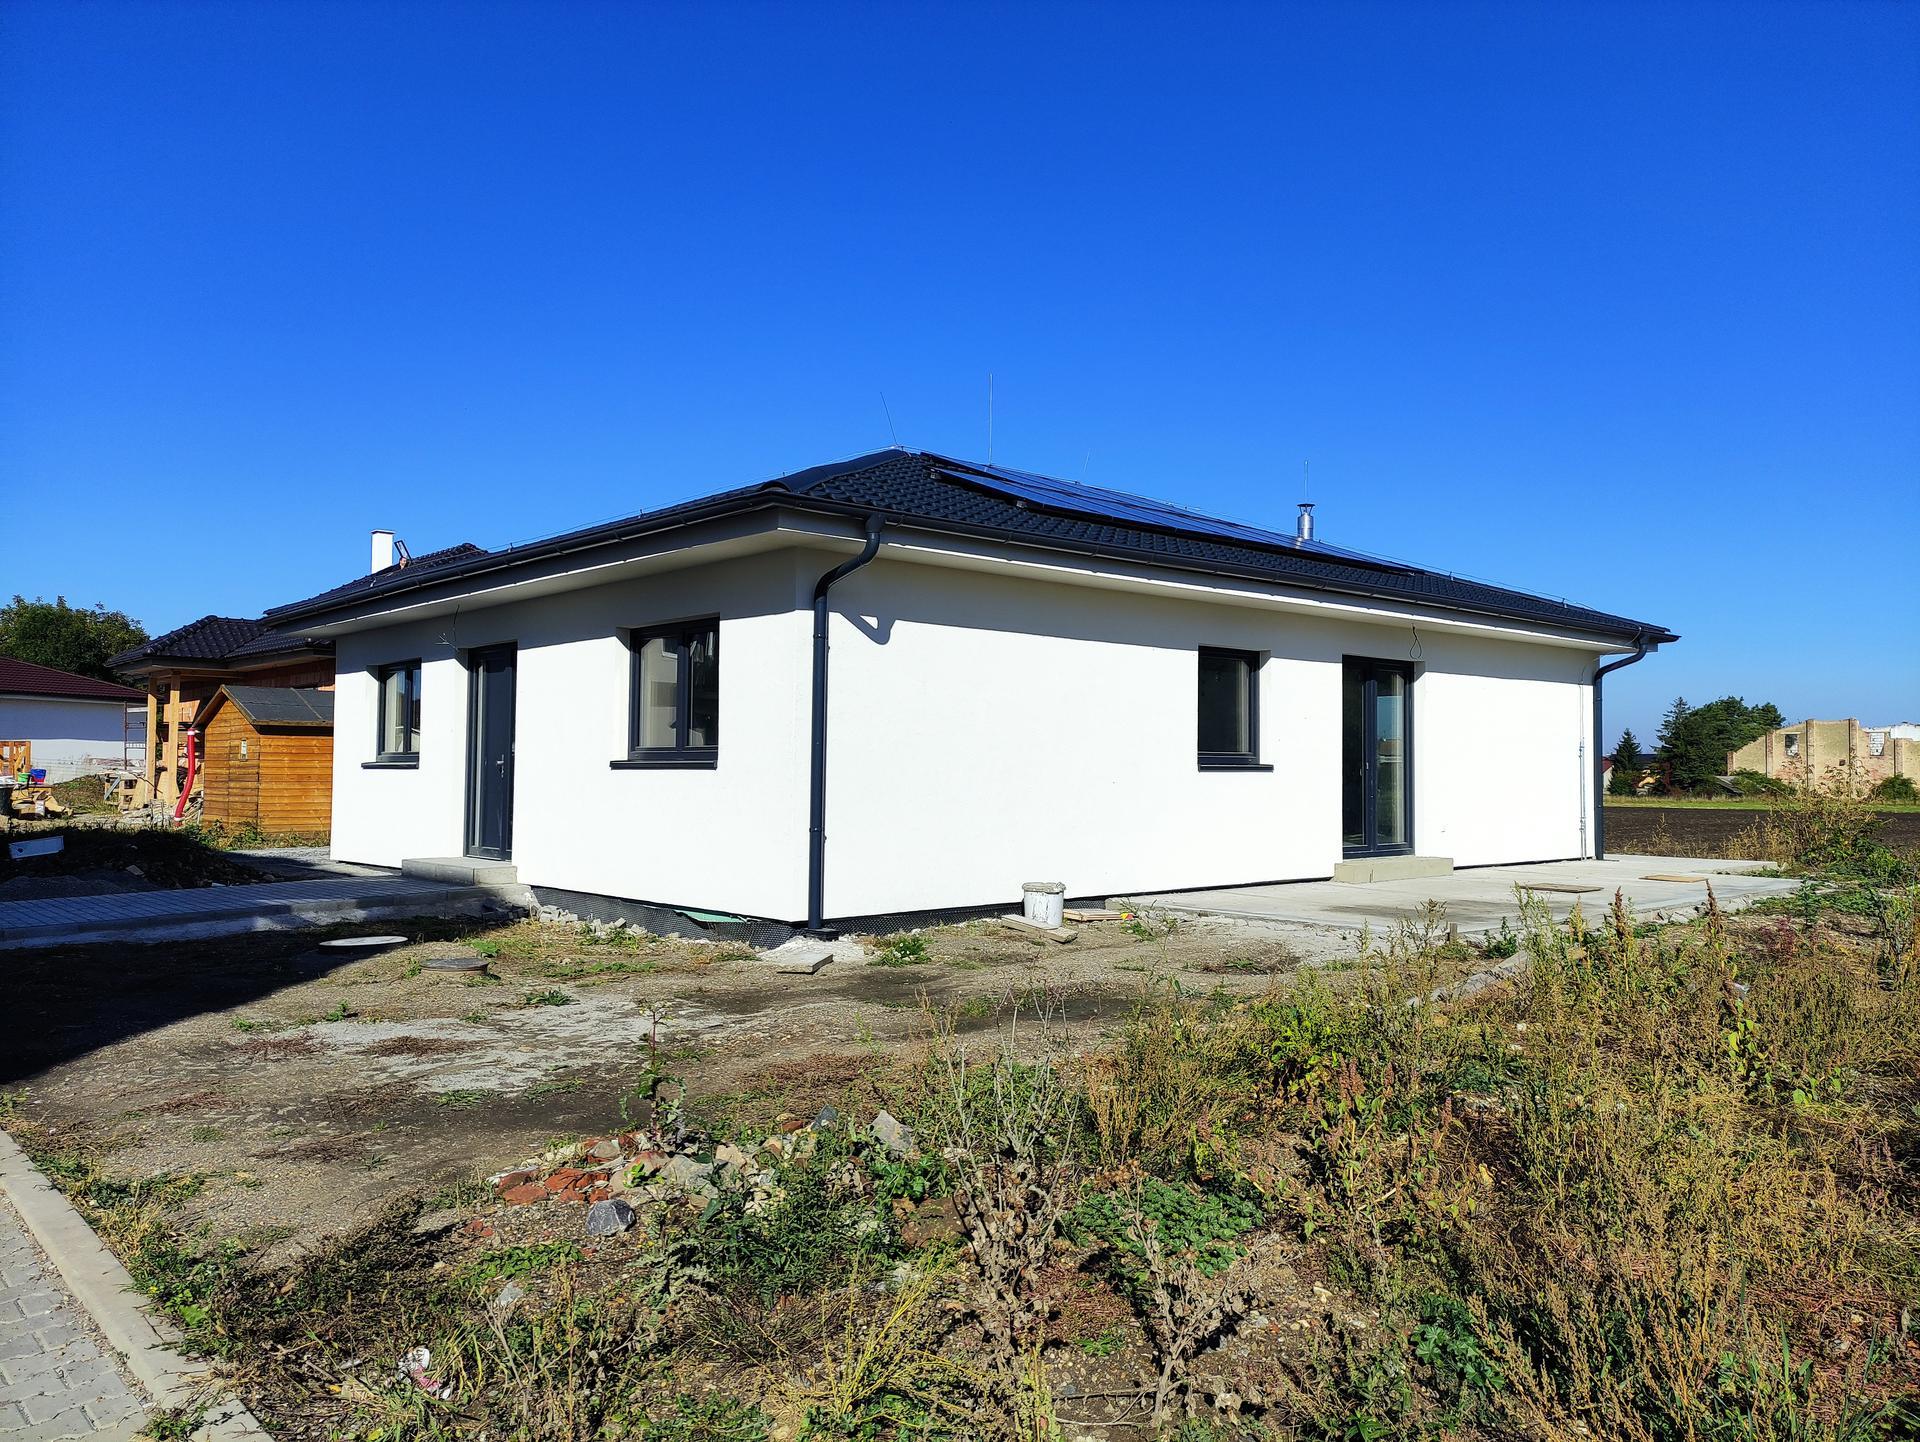 Náš budoucí domov...snad někdy - Obrázek č. 133